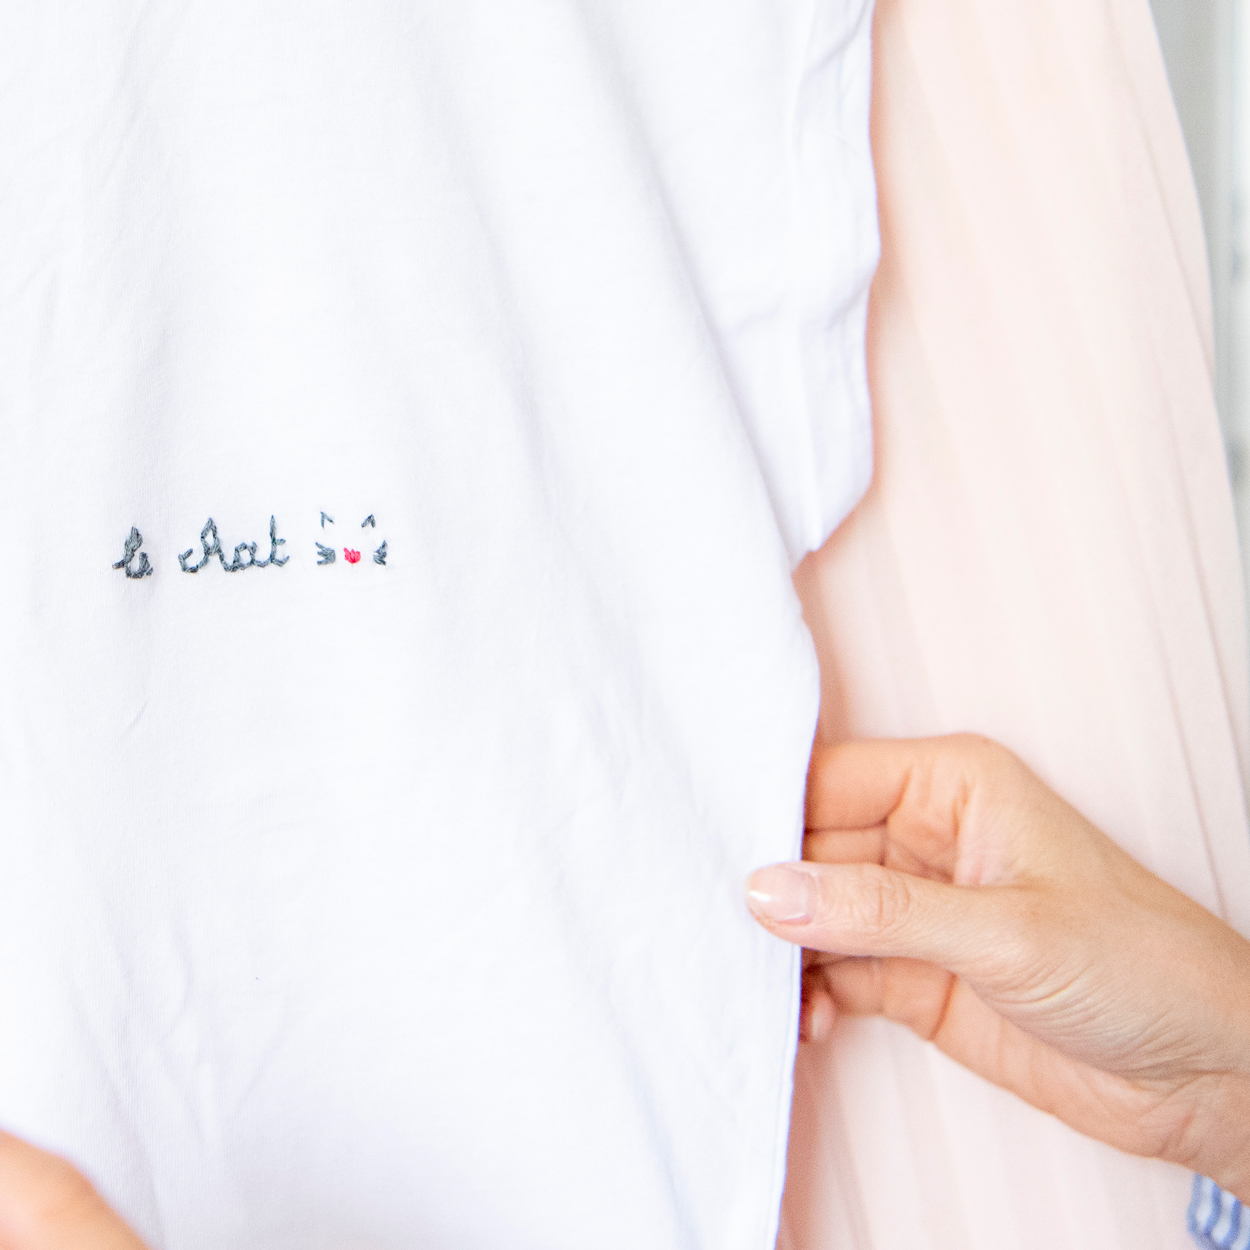 02/05 - Borduren op T-shirt (by NUÏ )